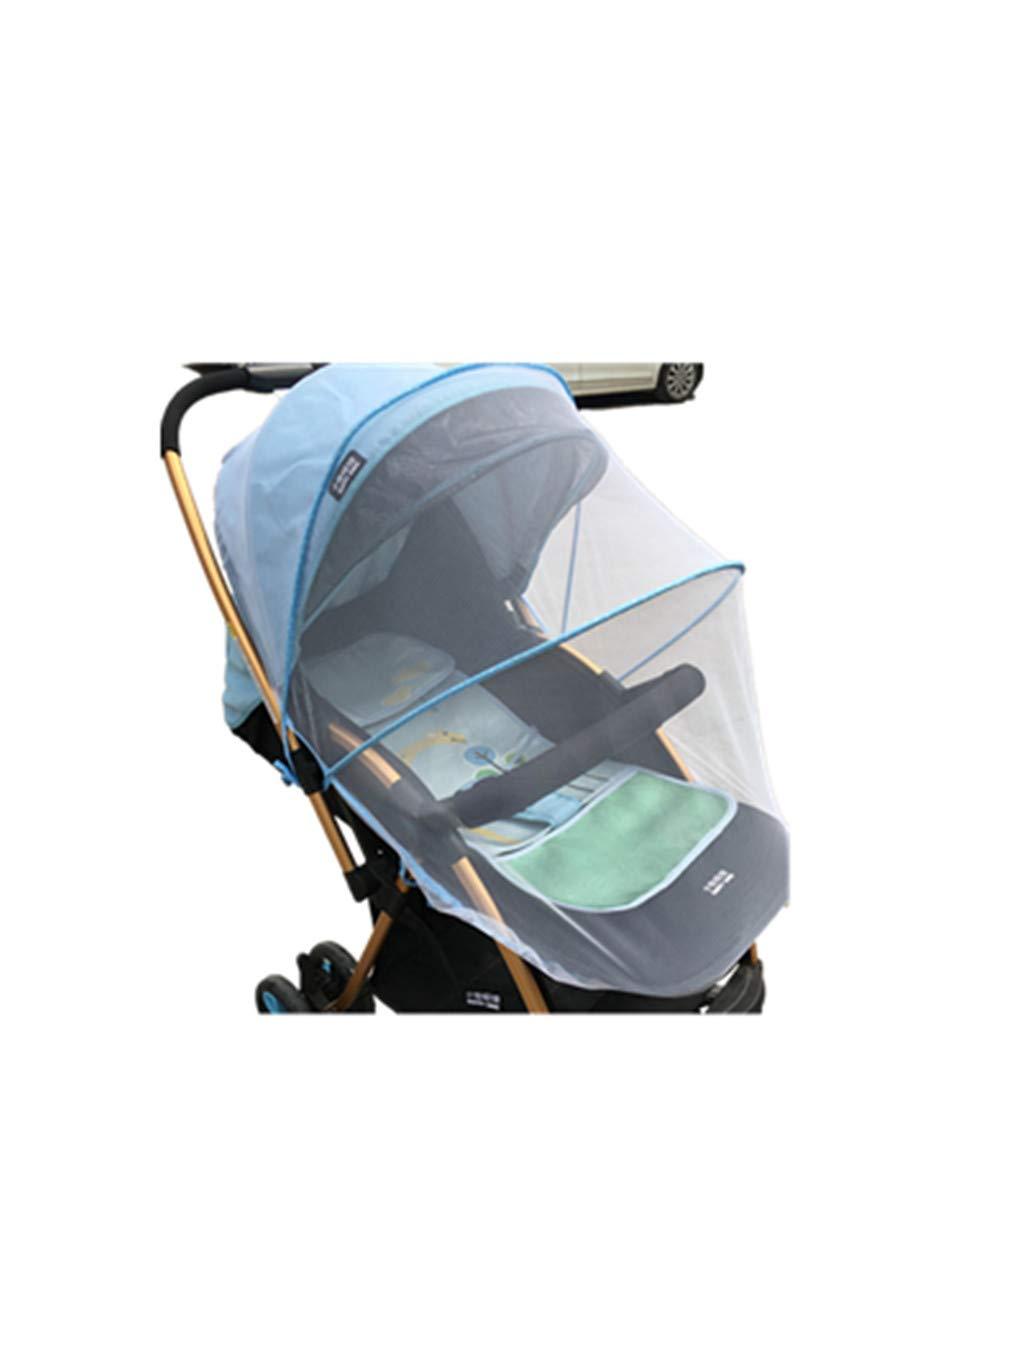 Blau SUMTTER Faltbar Moskitonetz f/ür Kinderwagen /& Buggy Reisebett waschbar Universal Insektenschutz mit Gummizug und Sonnenschutz UV